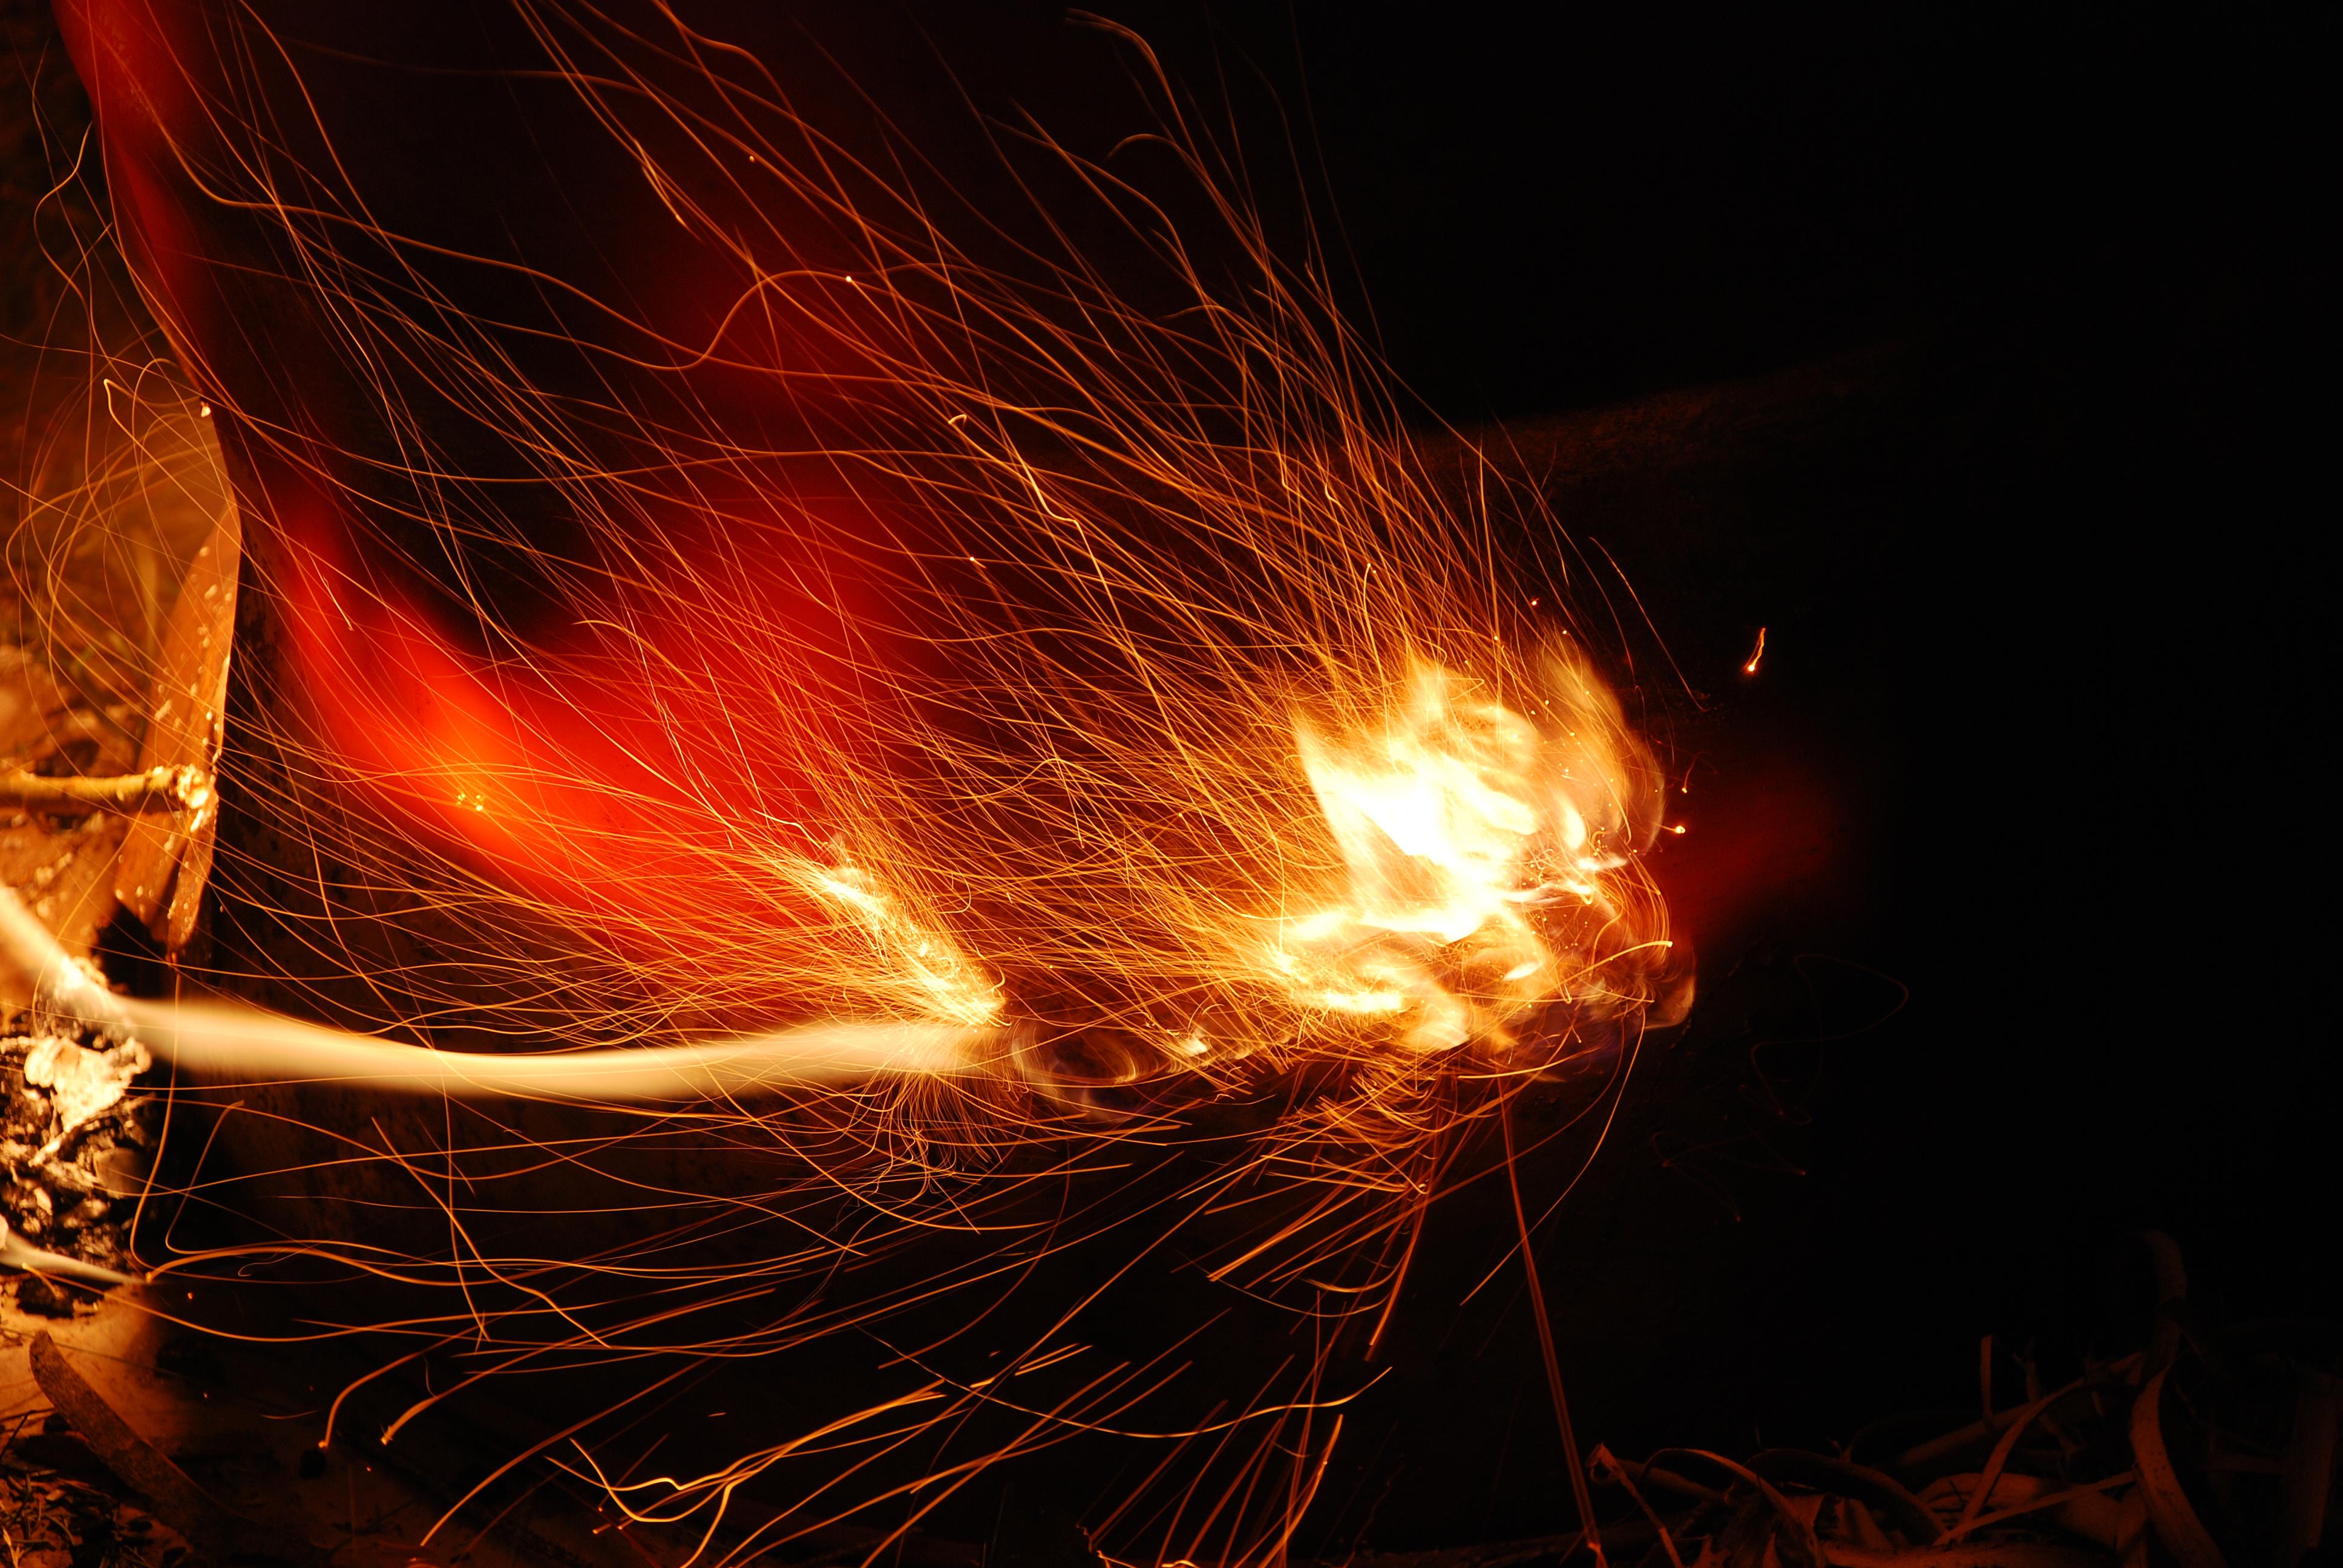 Сталь и огонь картинки